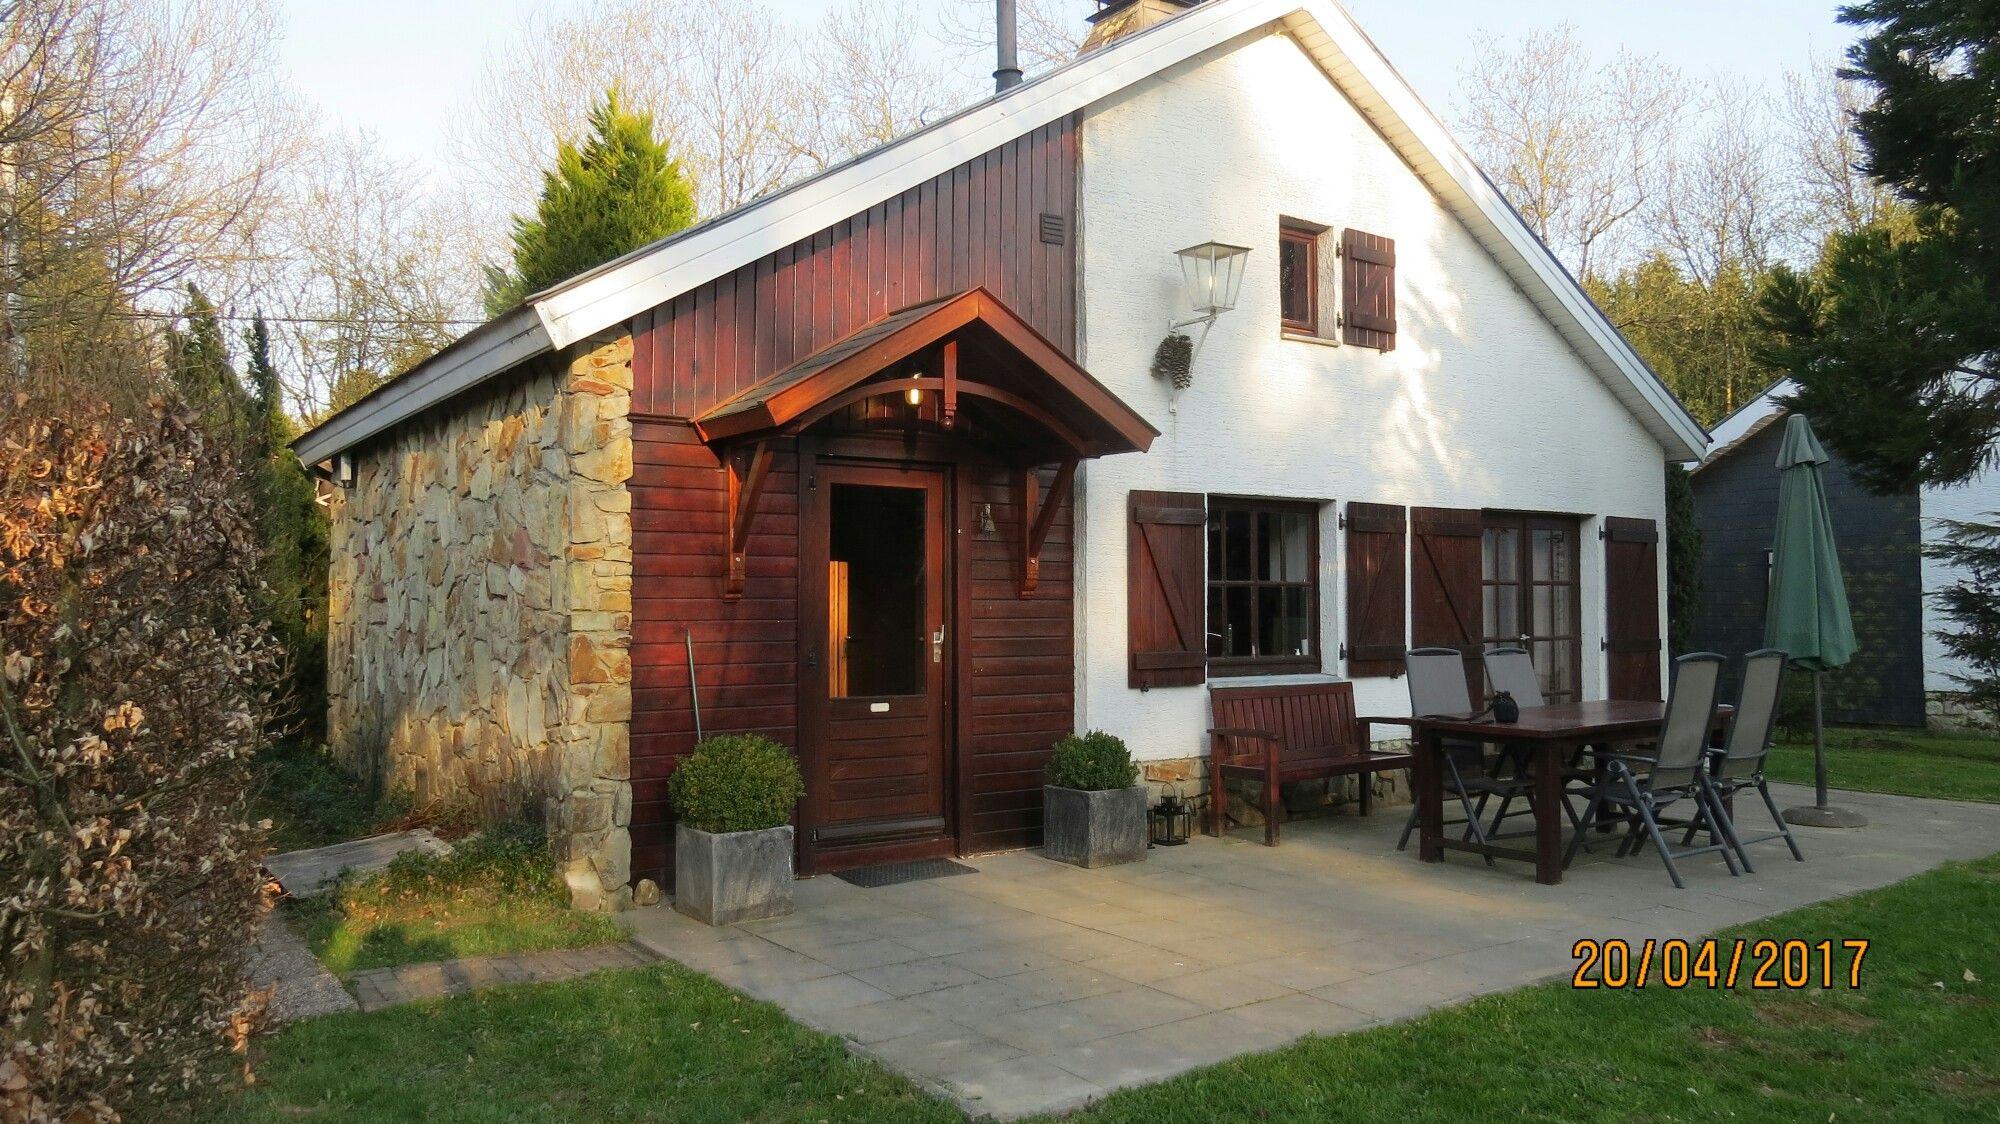 Prachtig gelegen vakantiehuis met groot terras op de zon en fijne tuin